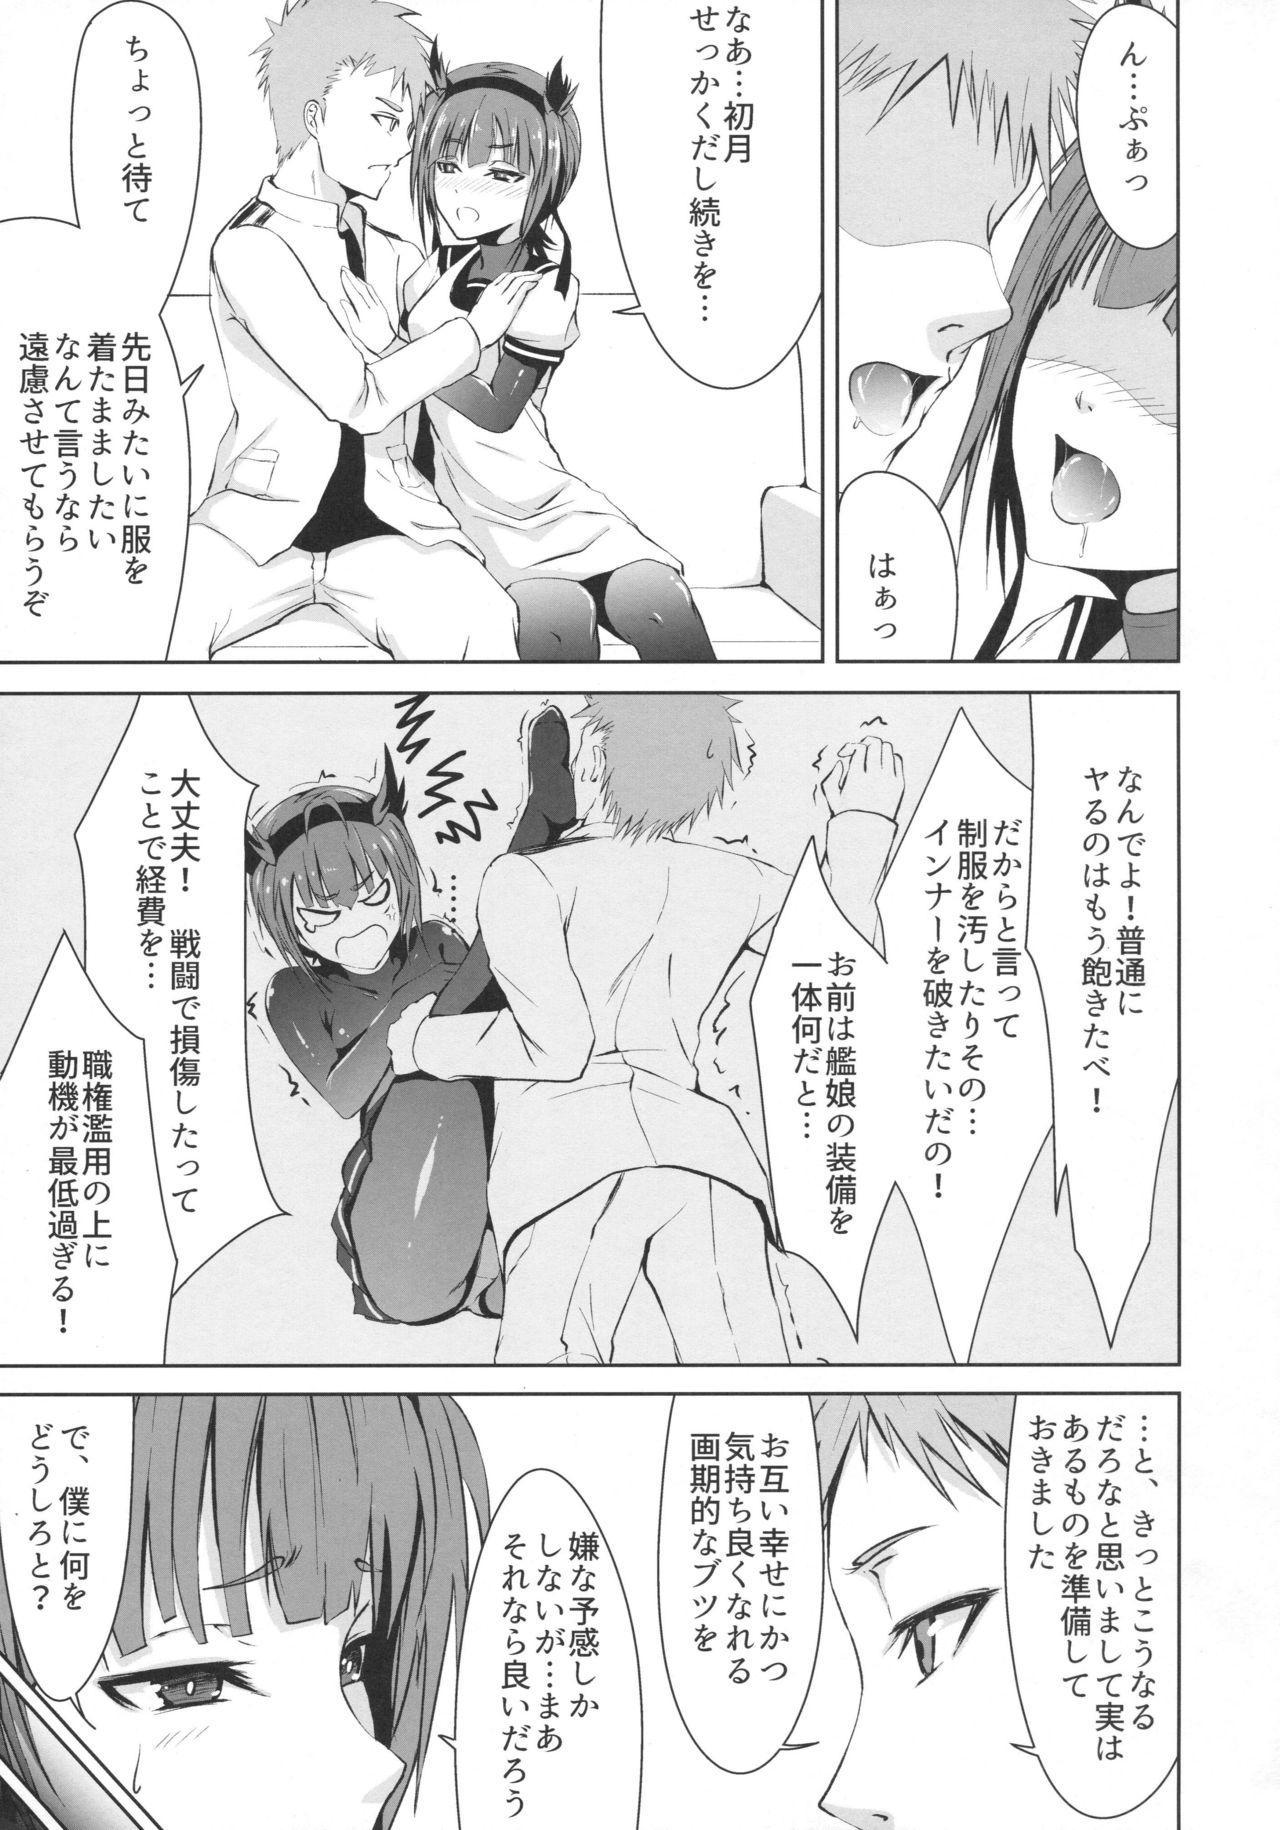 Mitsugetsu Destroyer 2 7